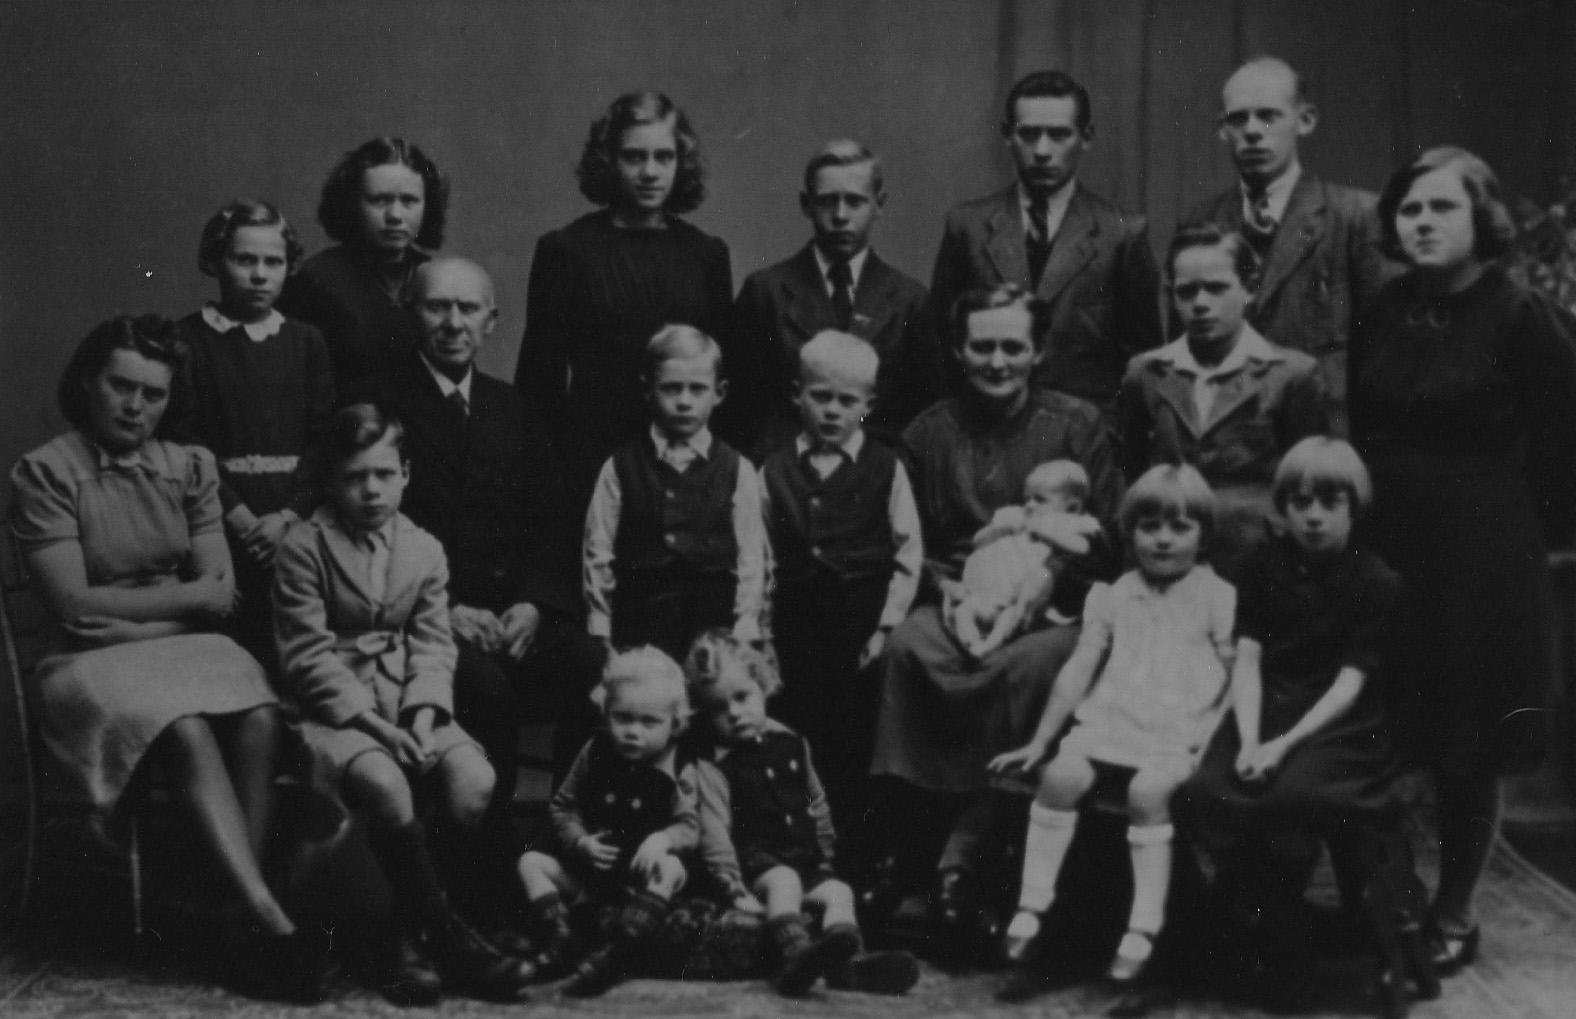 1943 Fam Grard de Leijer en Jet de Boer [winkel en bakkerij] en hun kinderen